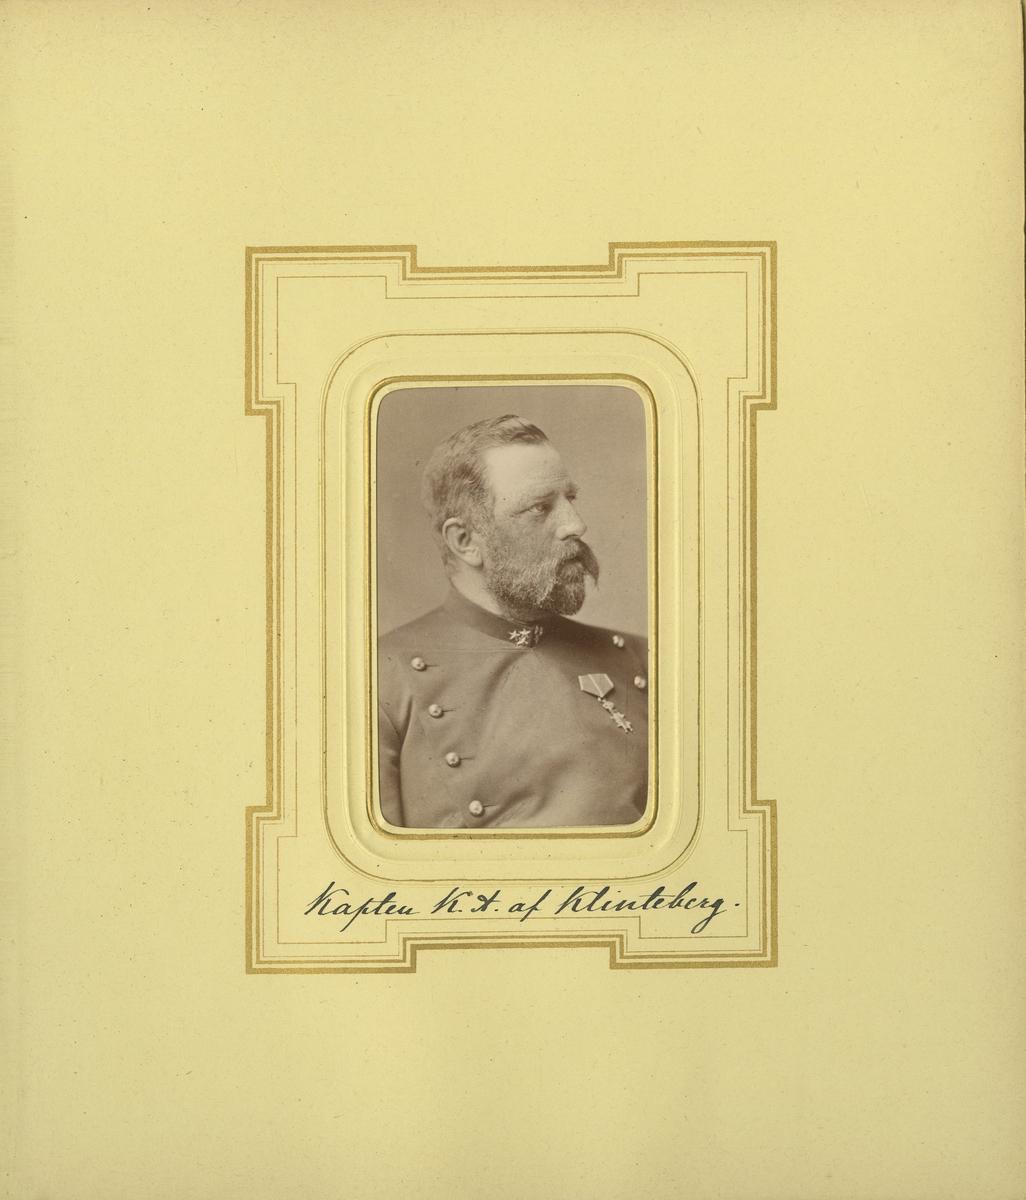 Porträtt av Knut Alfred af Klinteberg, kapten vid Smålands grenadjärbataljon.  Se även bild AMA.0006207, AMA.0009367 och AMA.0021798.